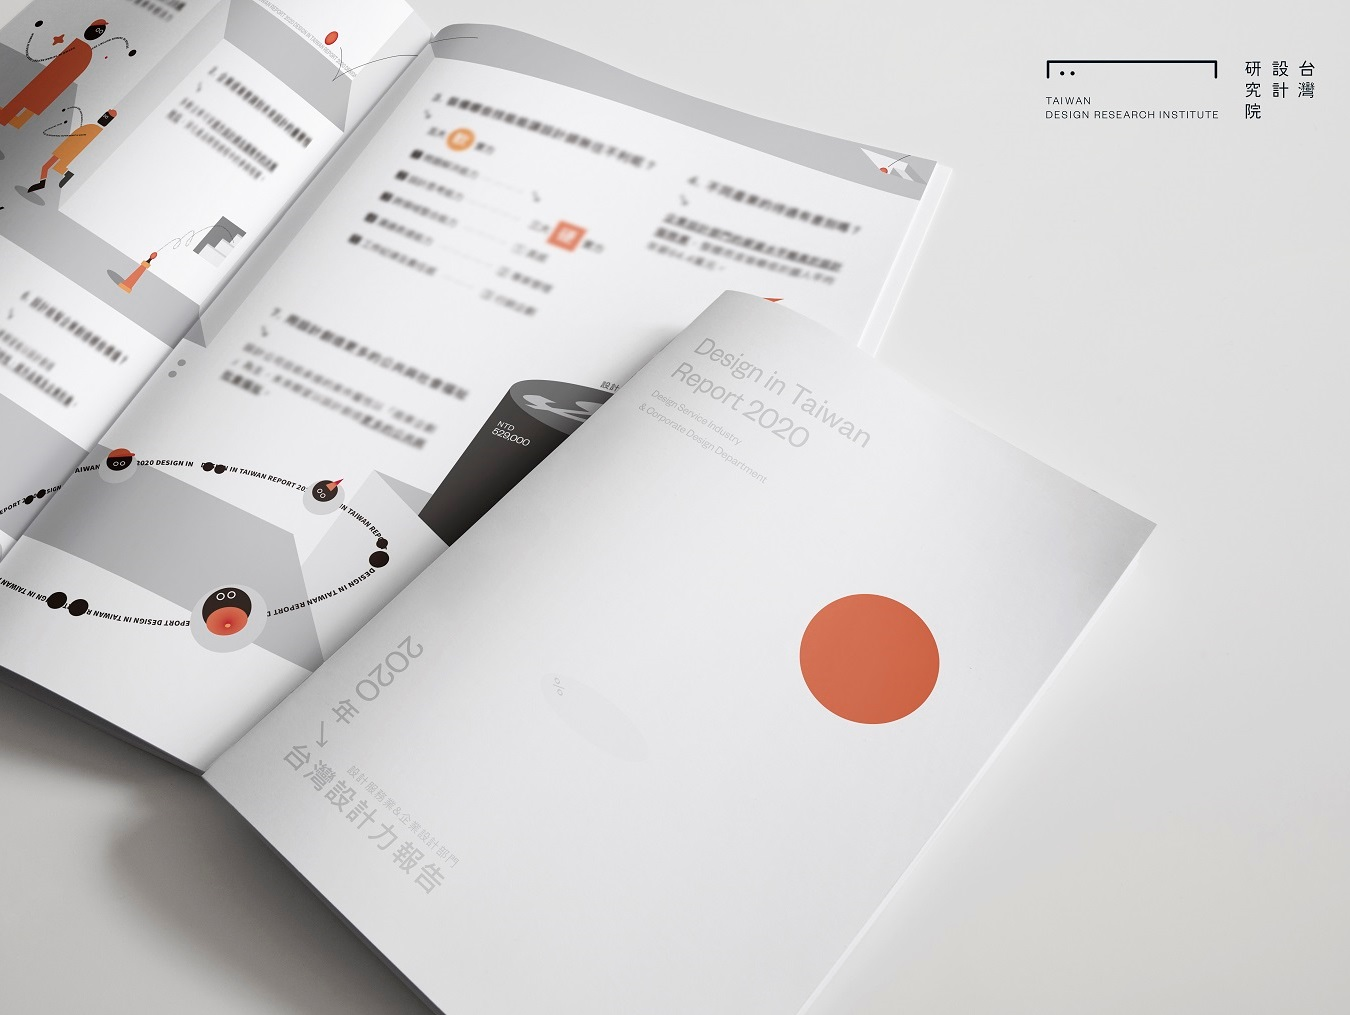 2020台灣設計力報告:揭露設計產業十大關鍵議題,洞察經營樣貌、未來機會與策略方向